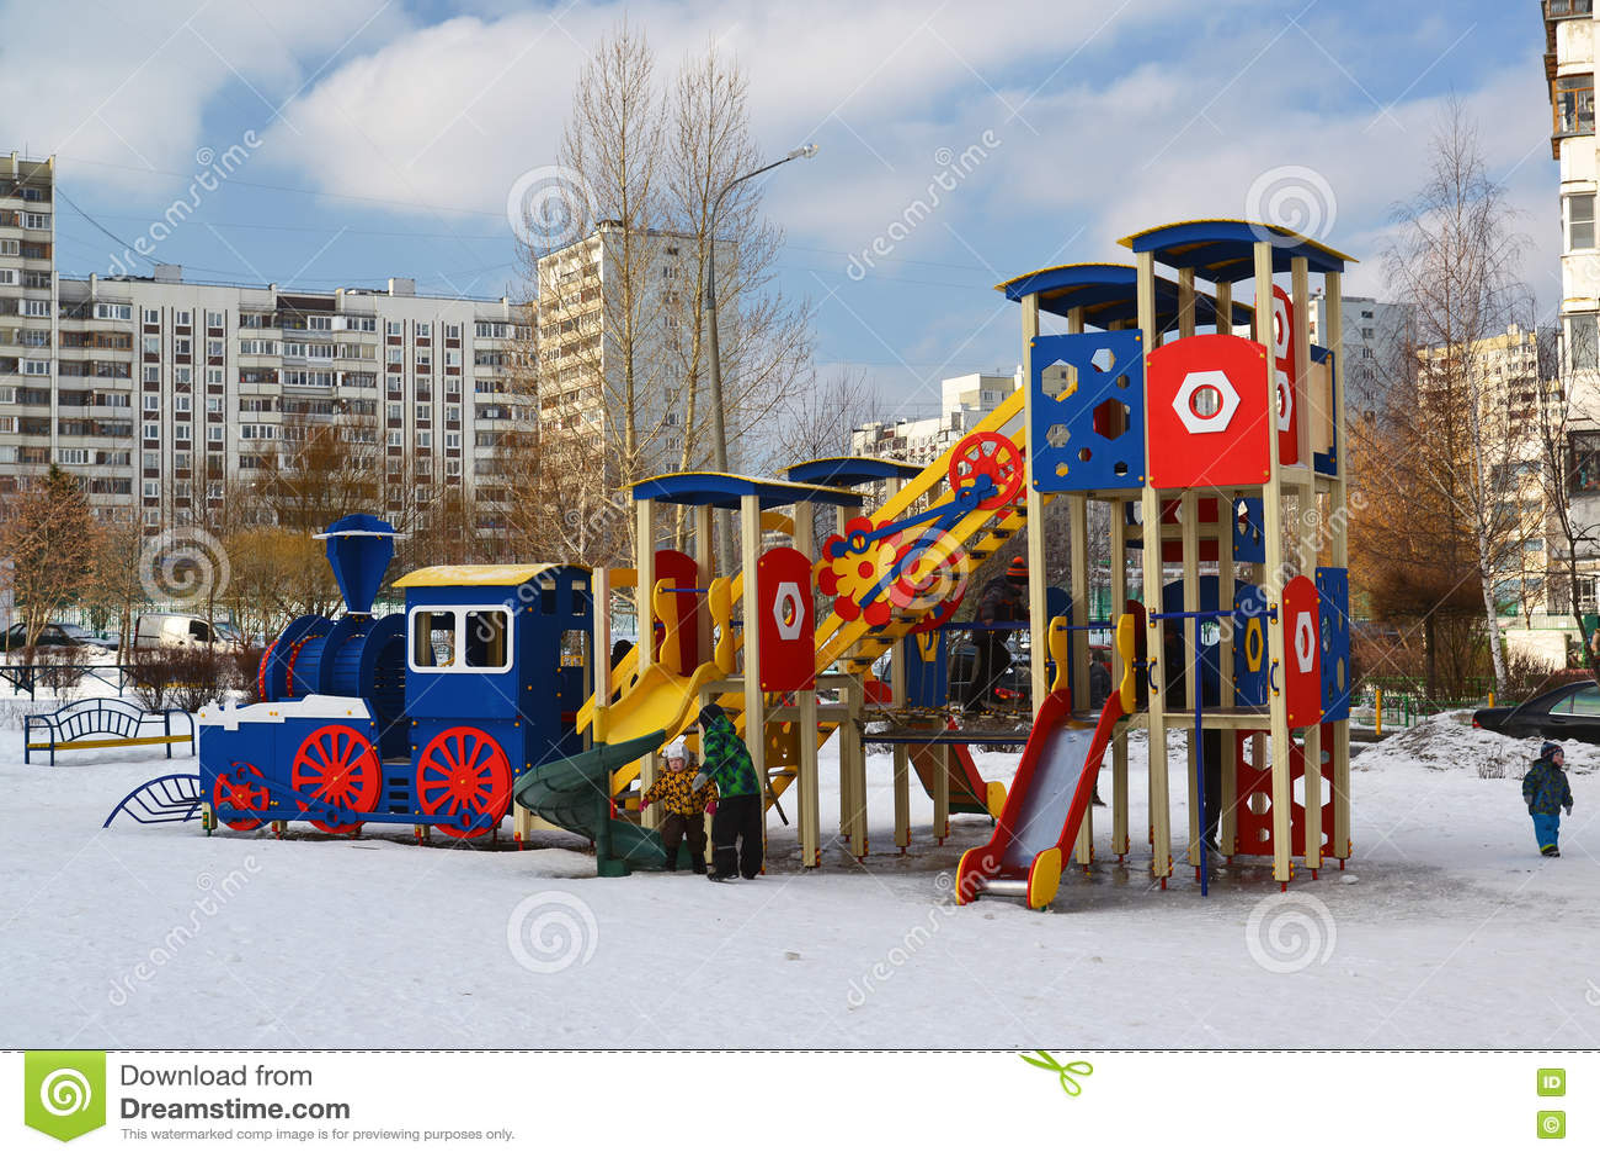 Download Москва, Москва - 20-ое февраля 2016 Структура спортивной площадки в дворе многоэтажного жилого дома Редакционное Стоковое Фото - изображение насчитывающей carousel, люди: 72295338